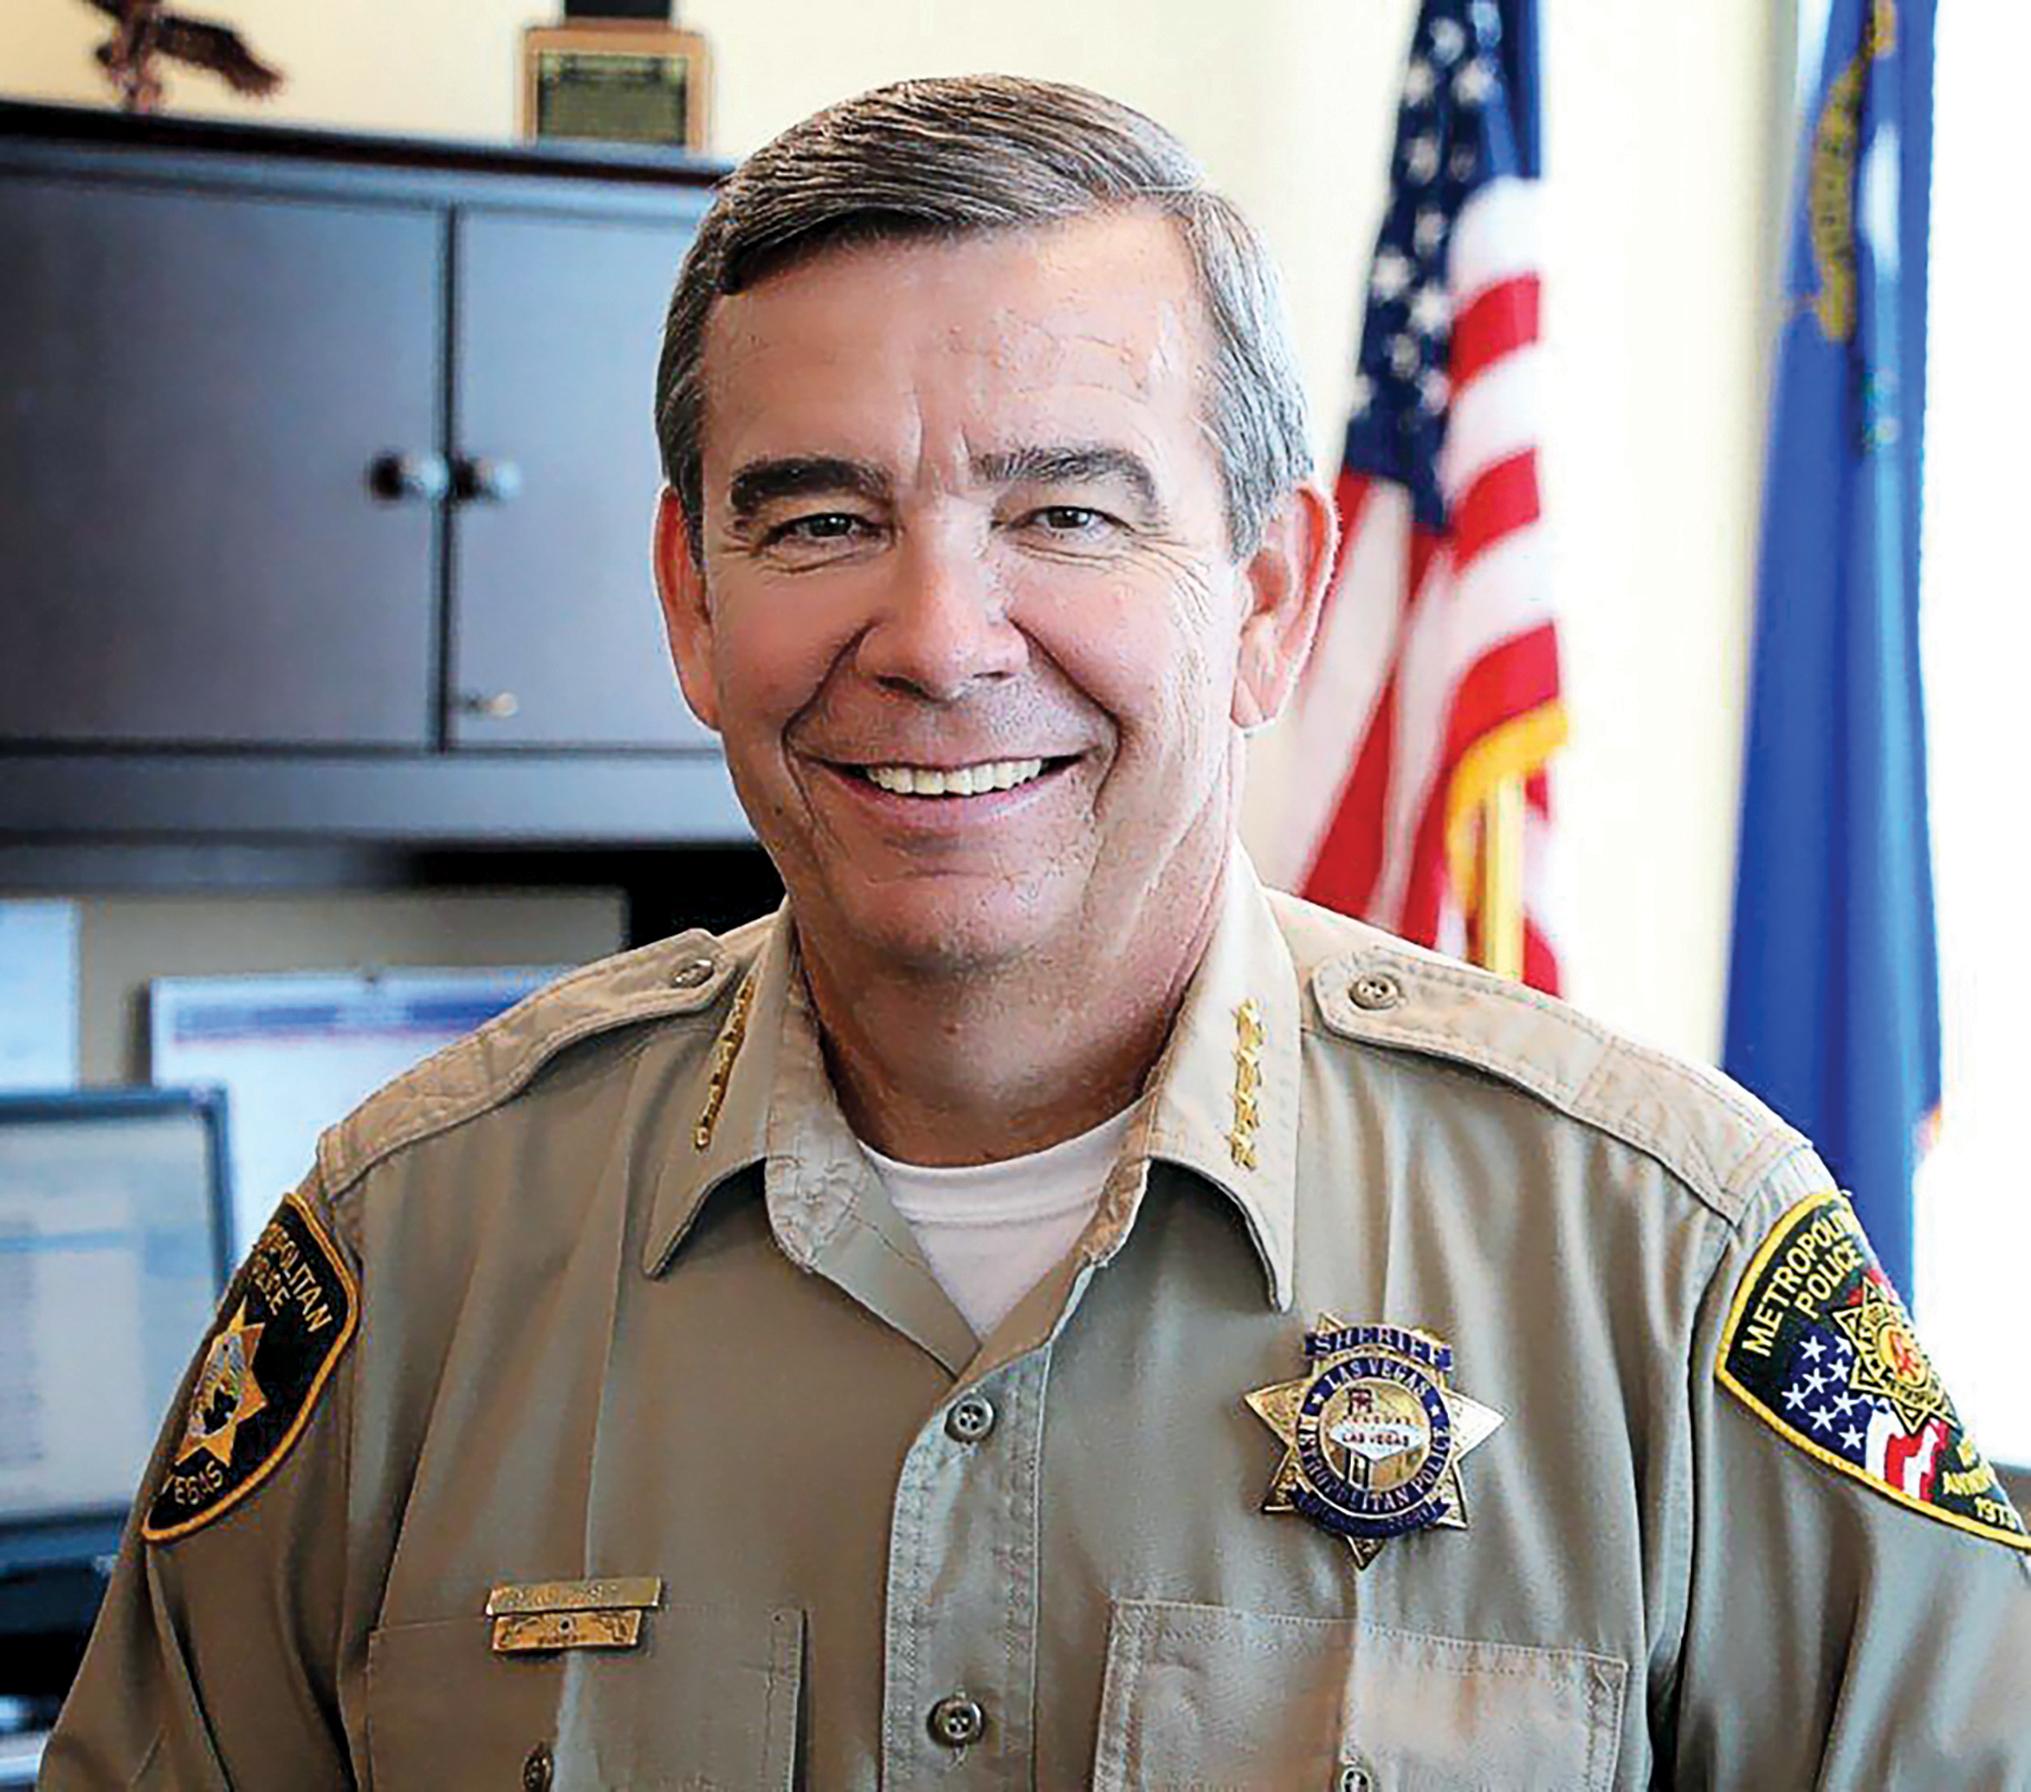 Sheriff Gillespie